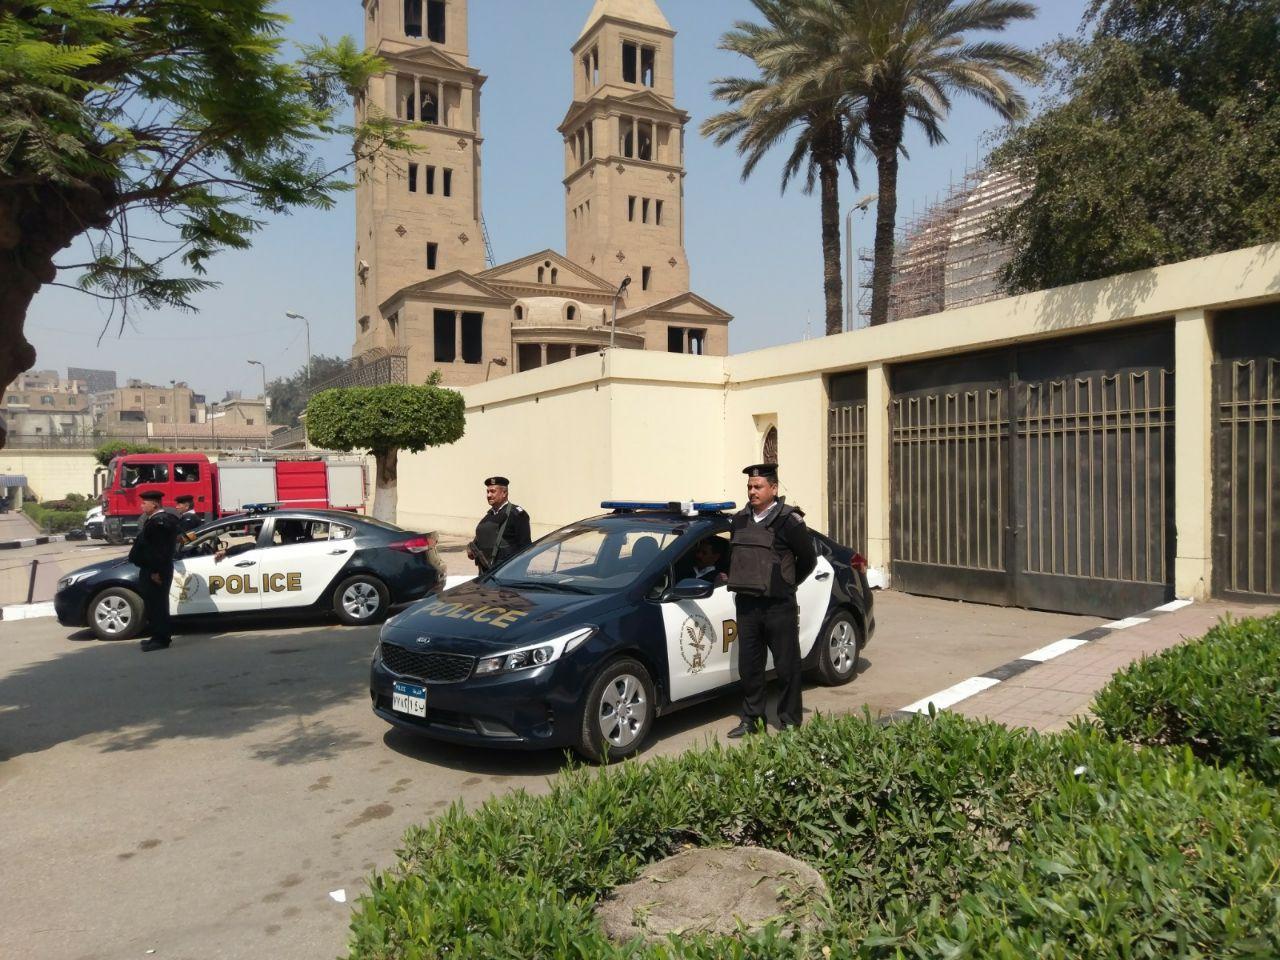 استنفار أمني بمحيط كنائس العاصمة.. ومدير الأمن يراجع الإجراءات